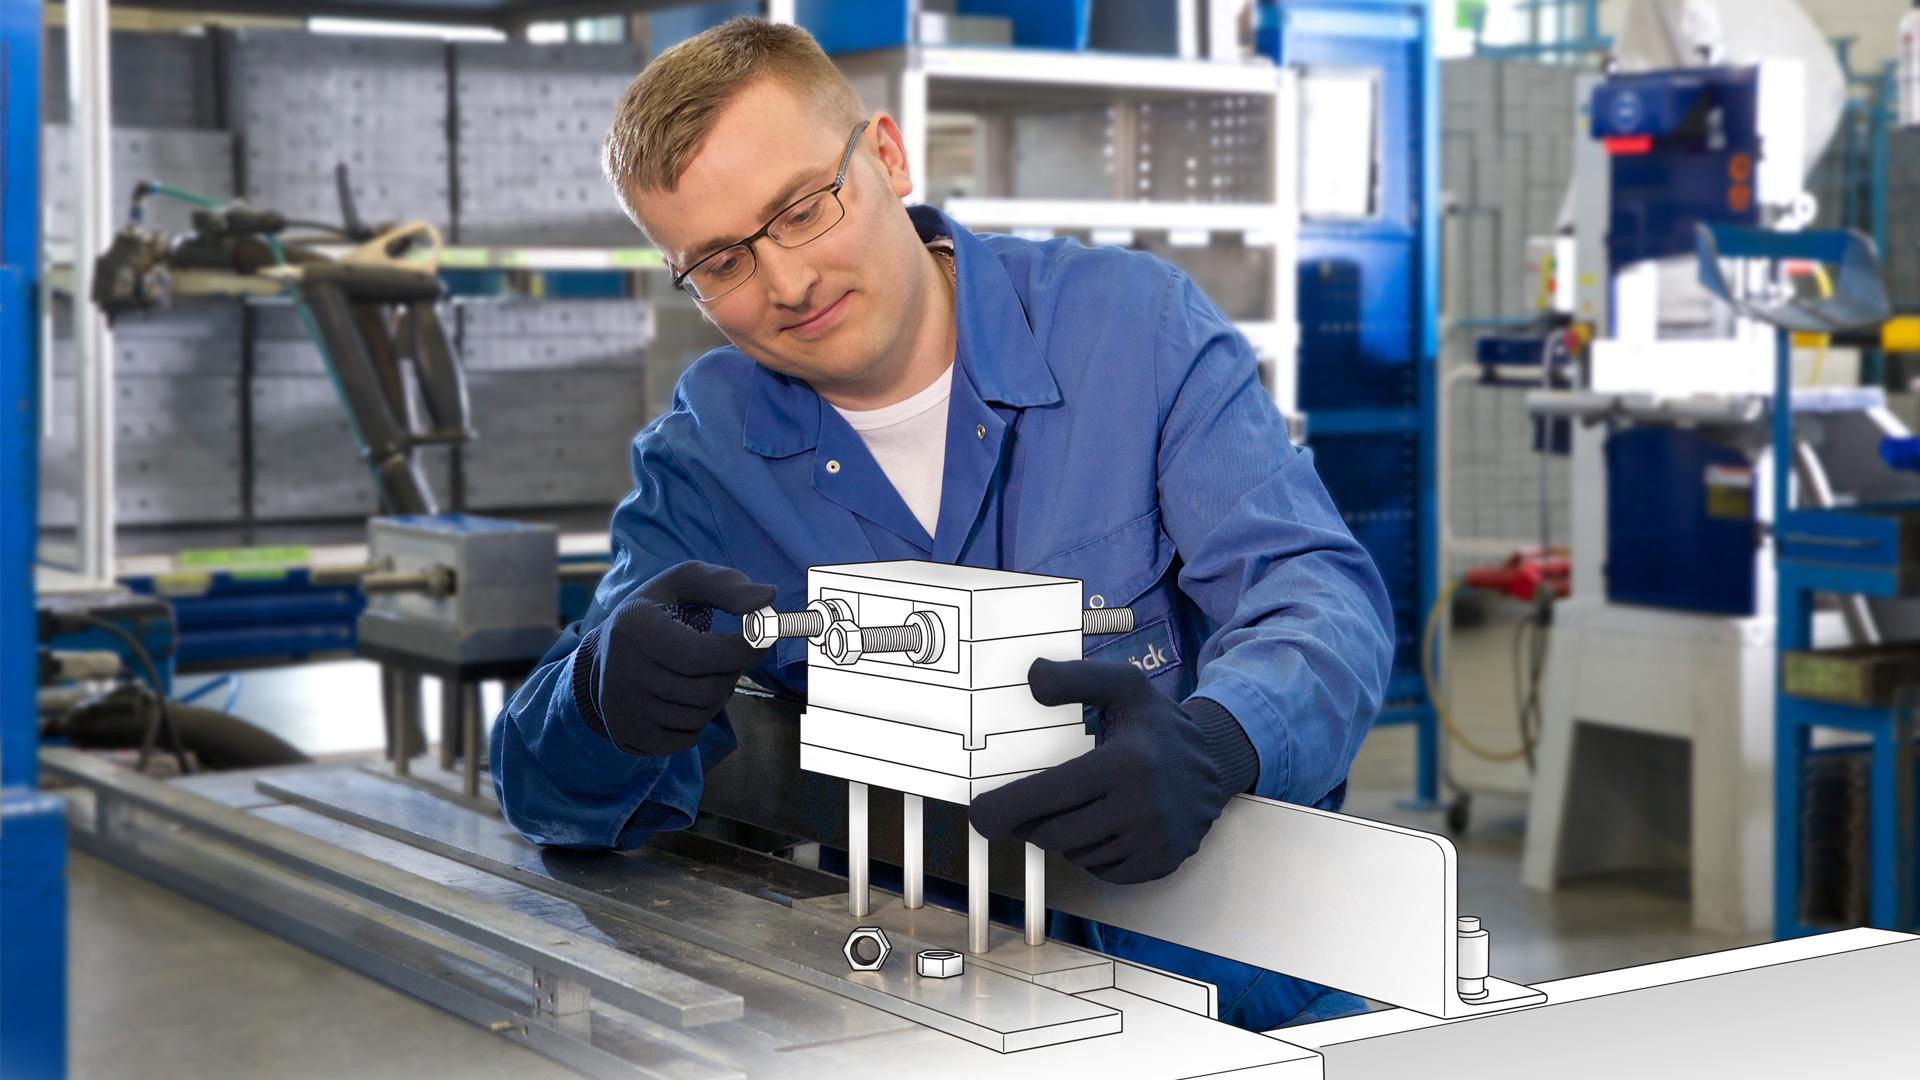 Instandhalter (m/w/d) Elektronik/Mechatronik für Standort Essen